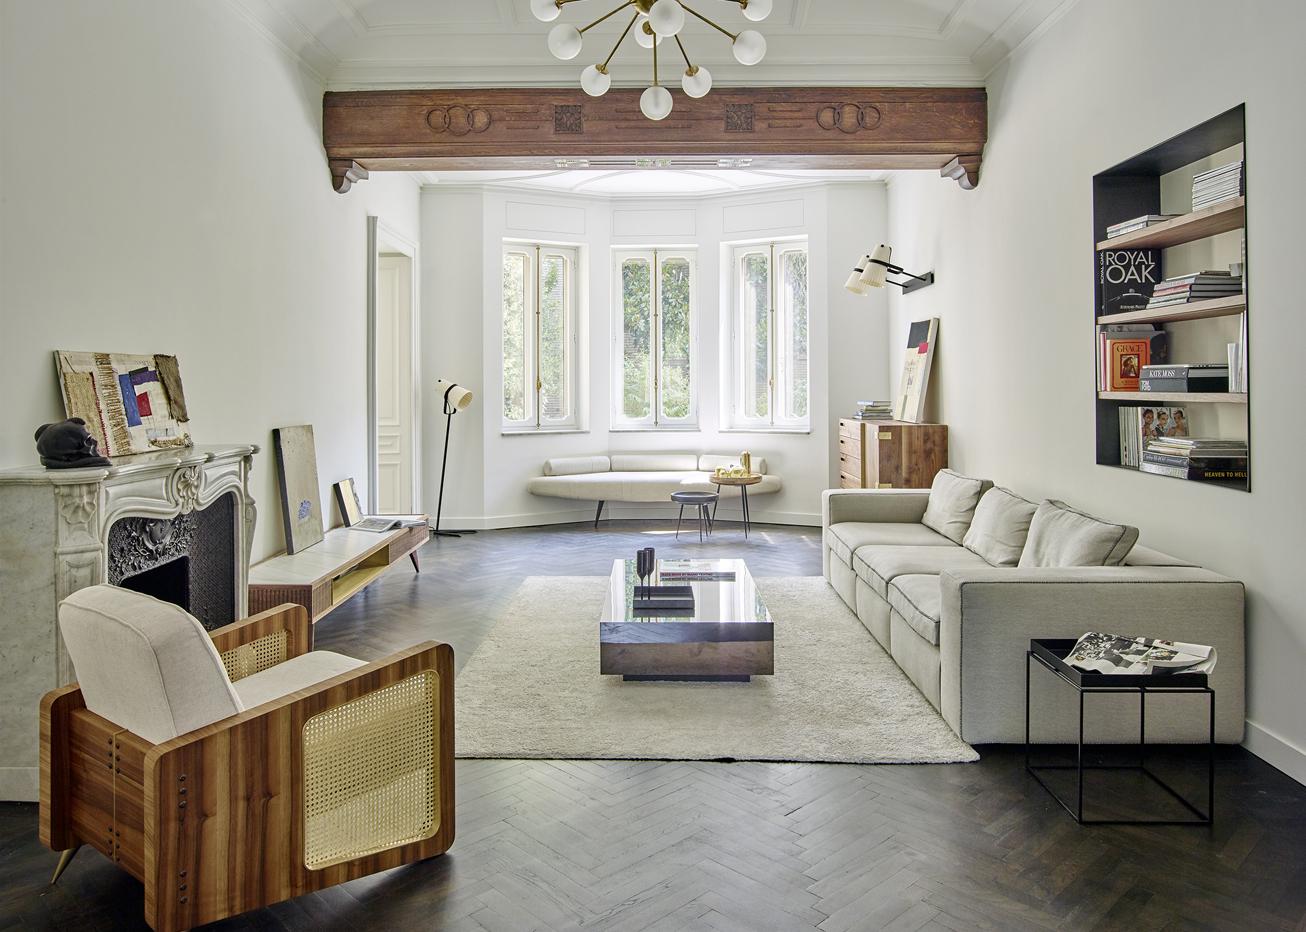 Torino stile novecento livingcorriere for Case in stile new england